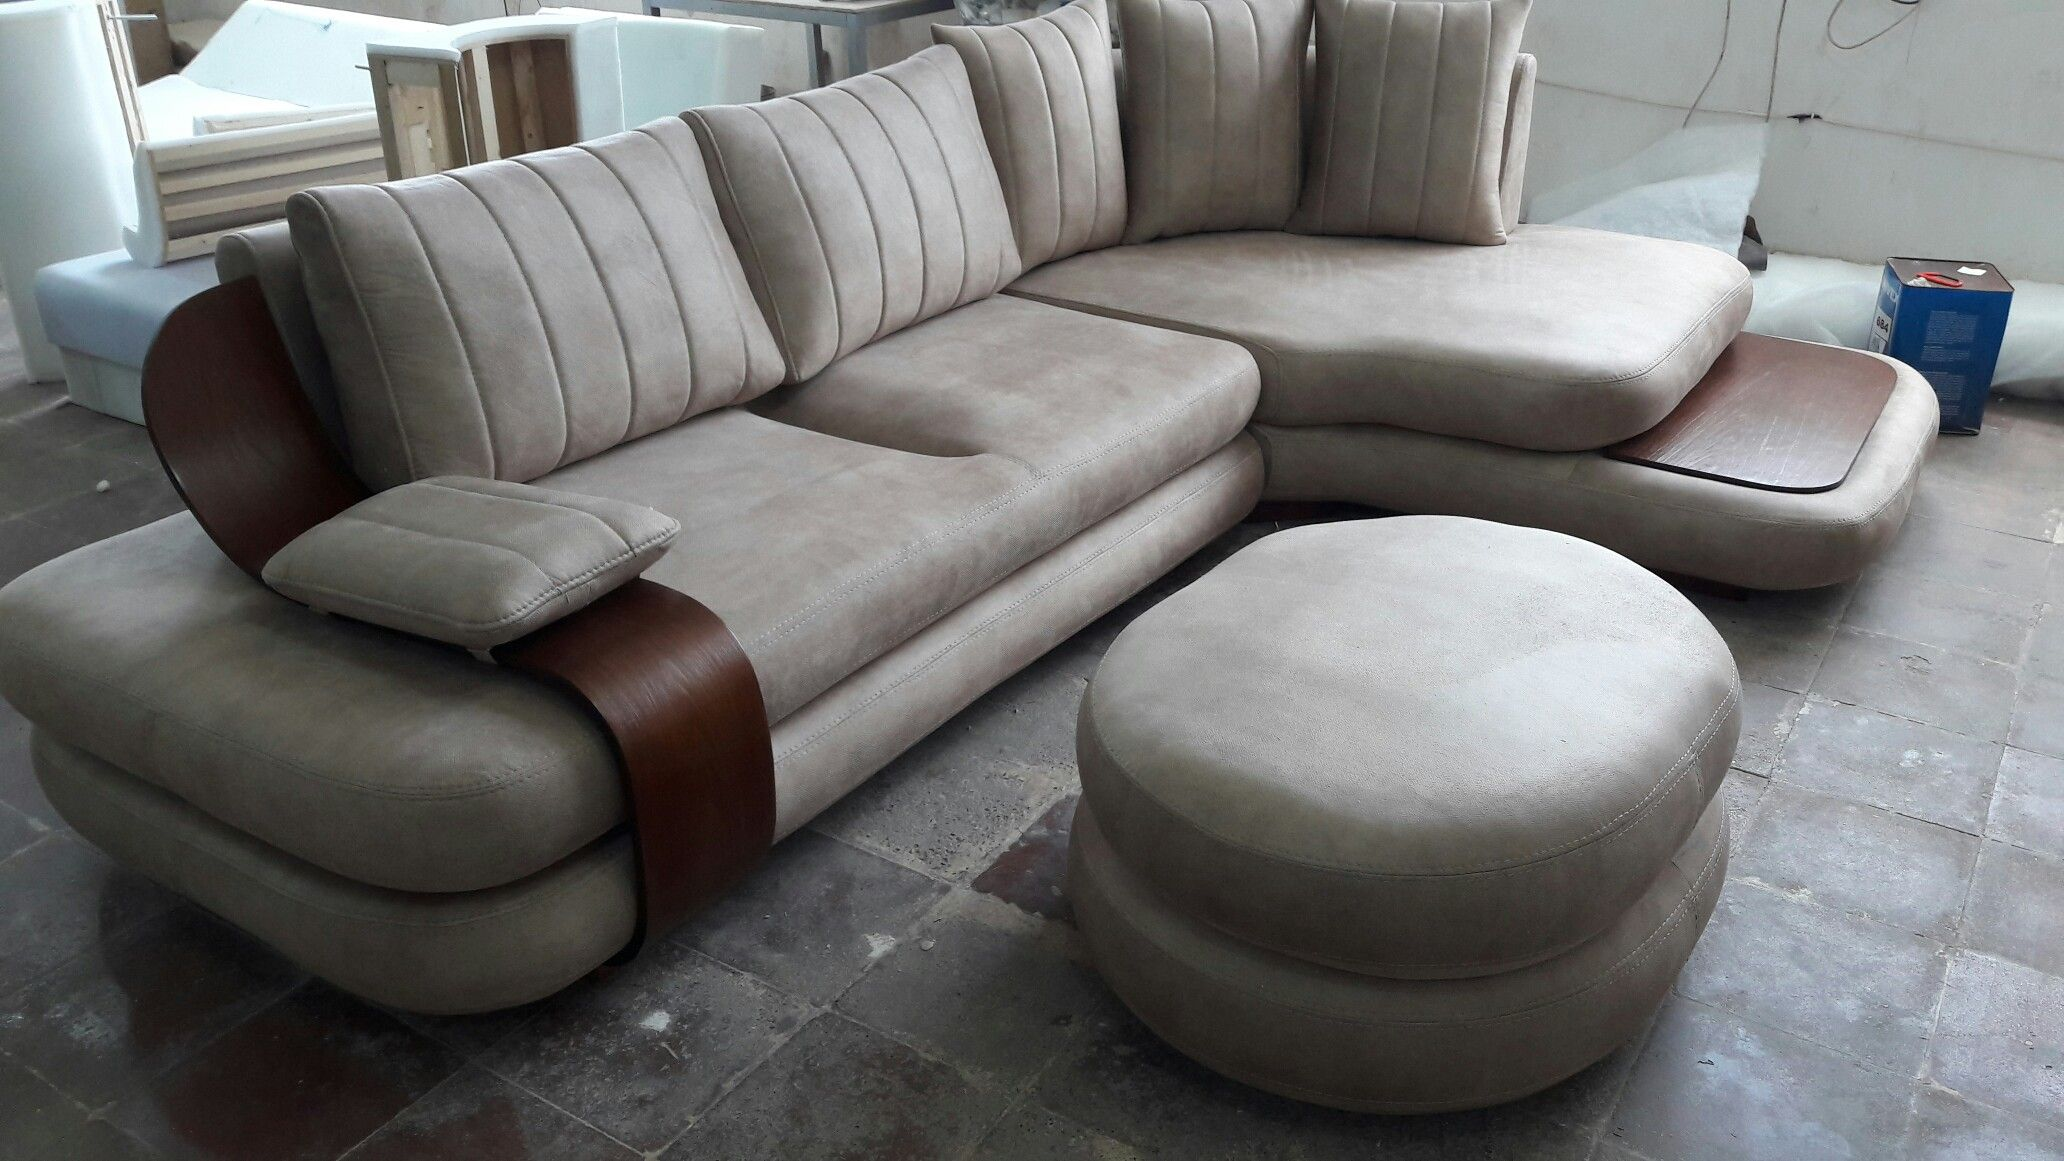 Mini Papelli Koltuk Pinterest Minis Royal Furniture And Bench # Muebles Rattan Medellin